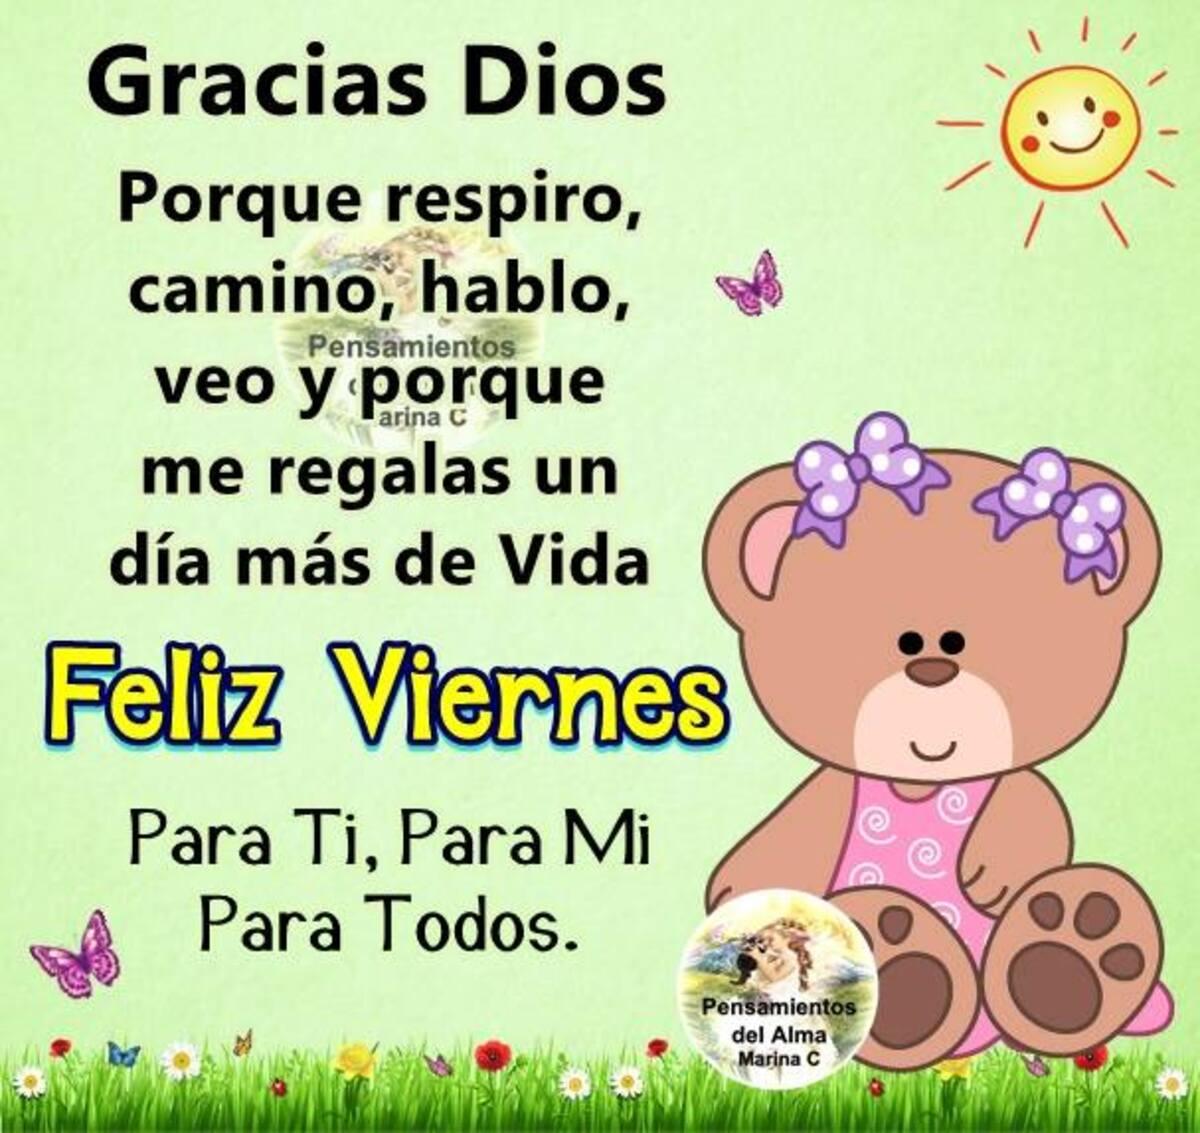 Gracias Dios porque respiro, camino, hablo, veo y porque me regalas un día más de vida. Feliz Viernes para ti, para mi, para todos.